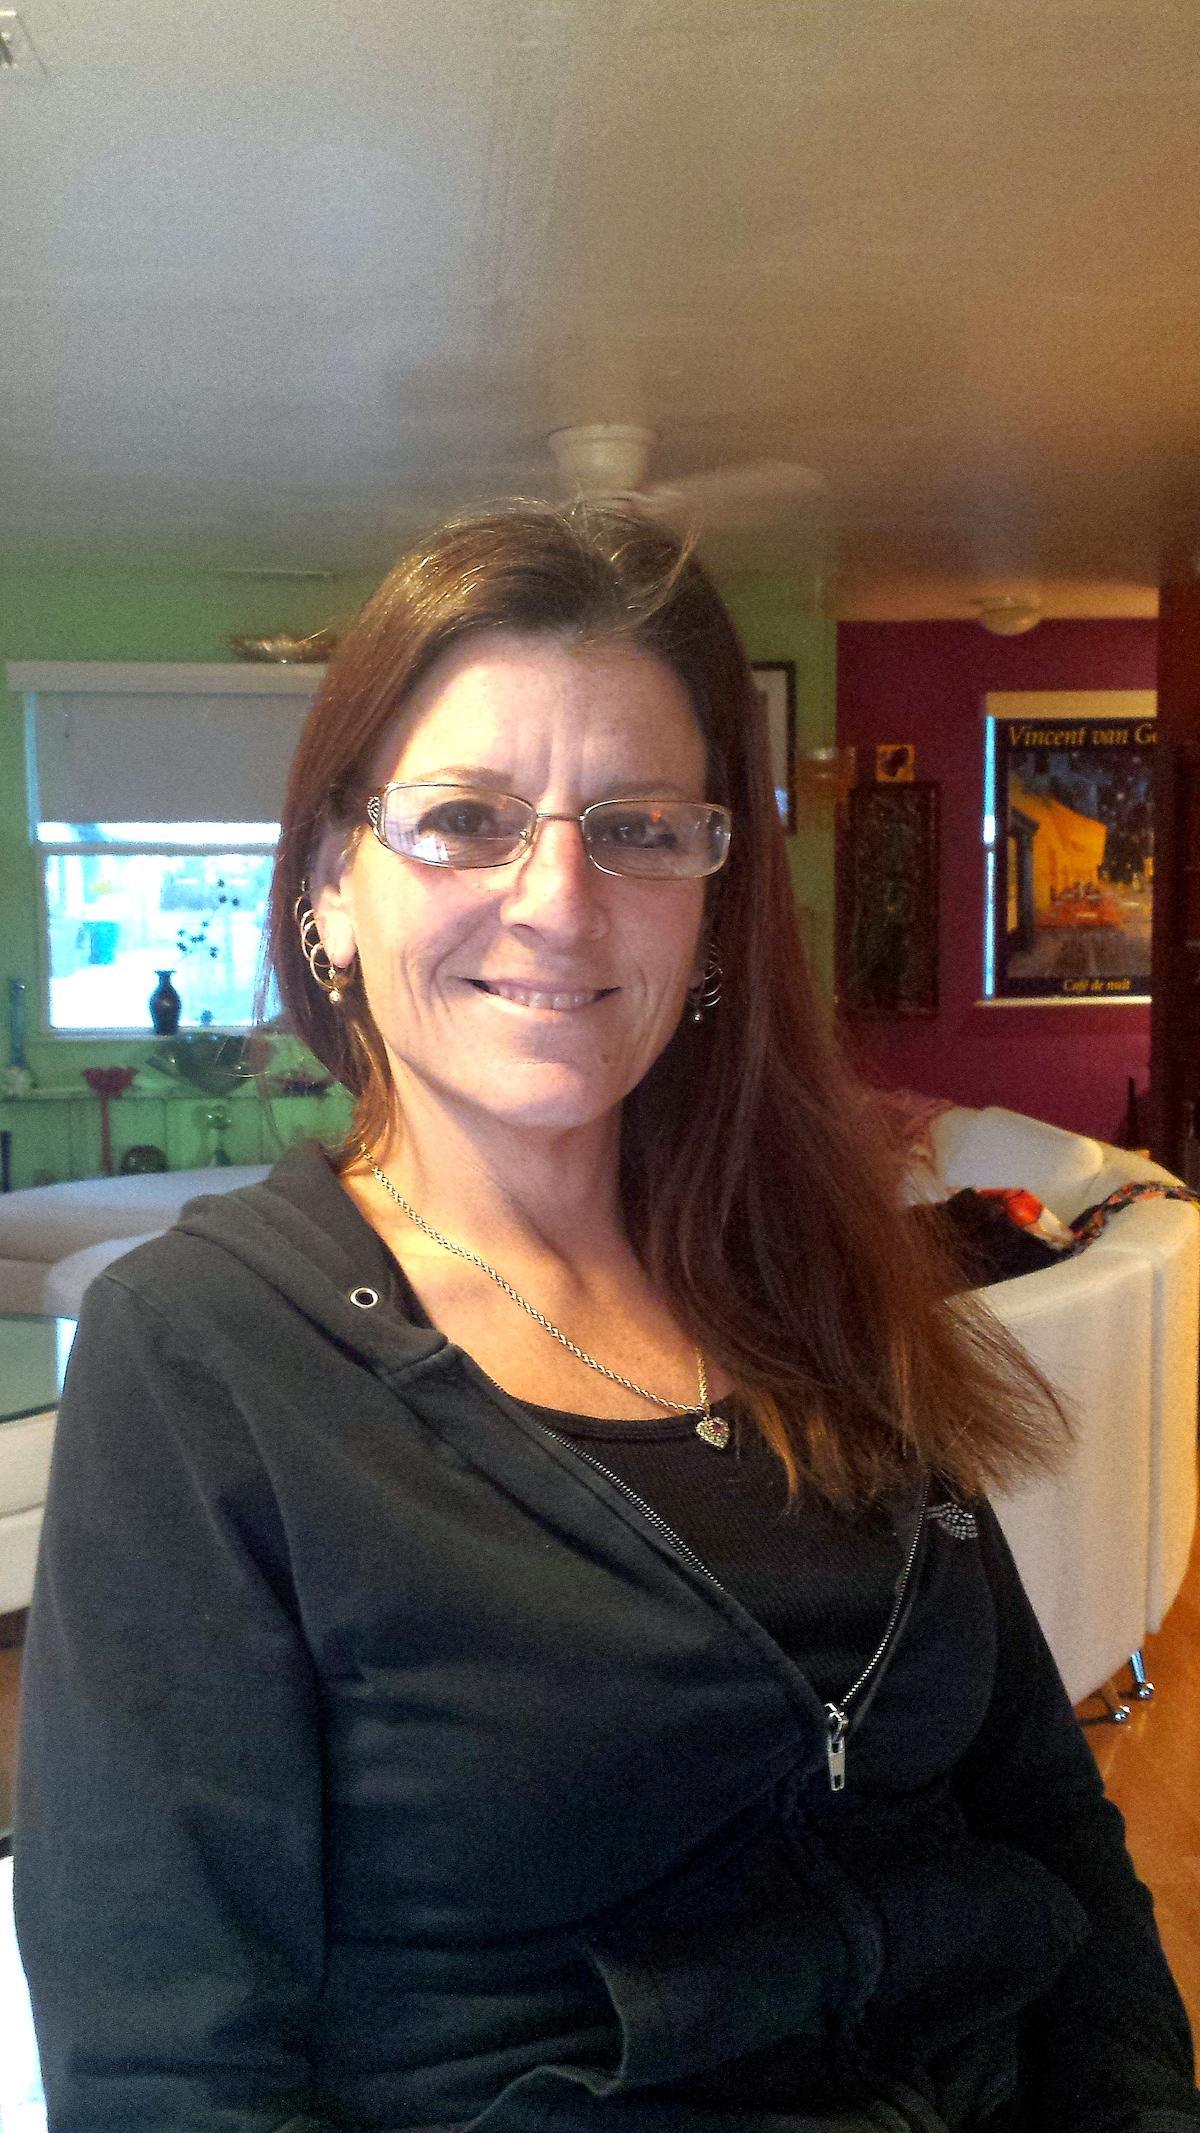 Phyllis from Ojai